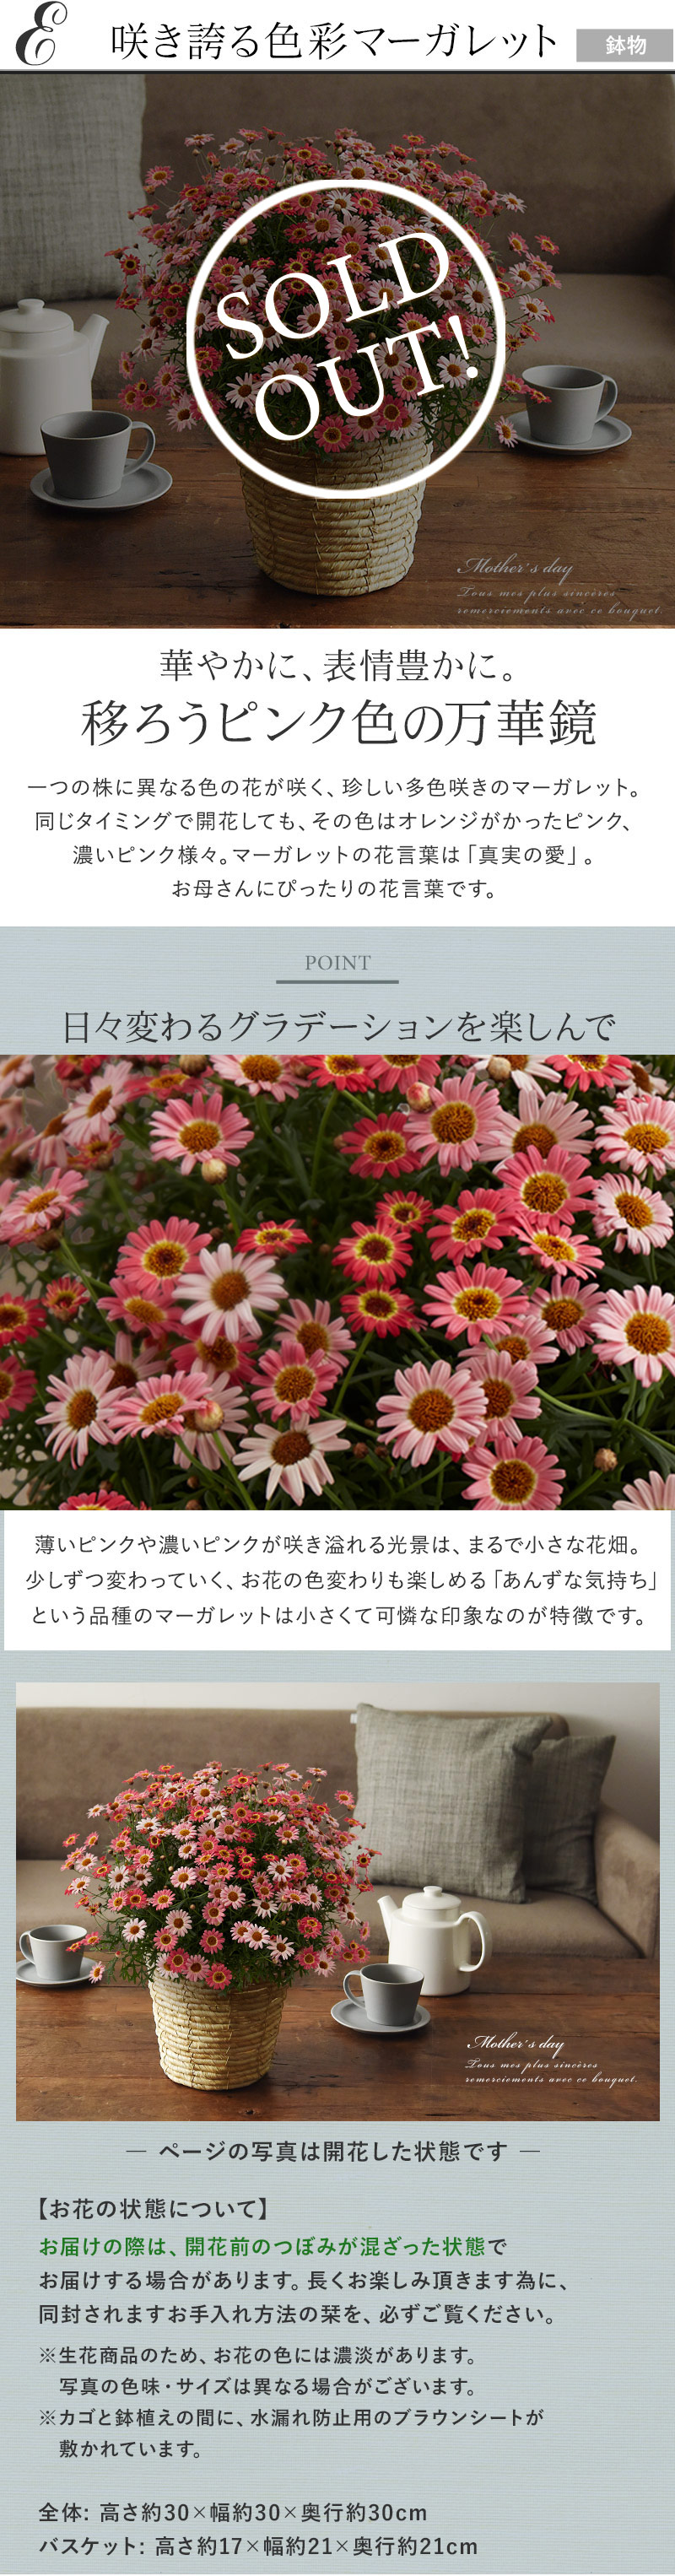 E咲き誇る色彩マーガレット